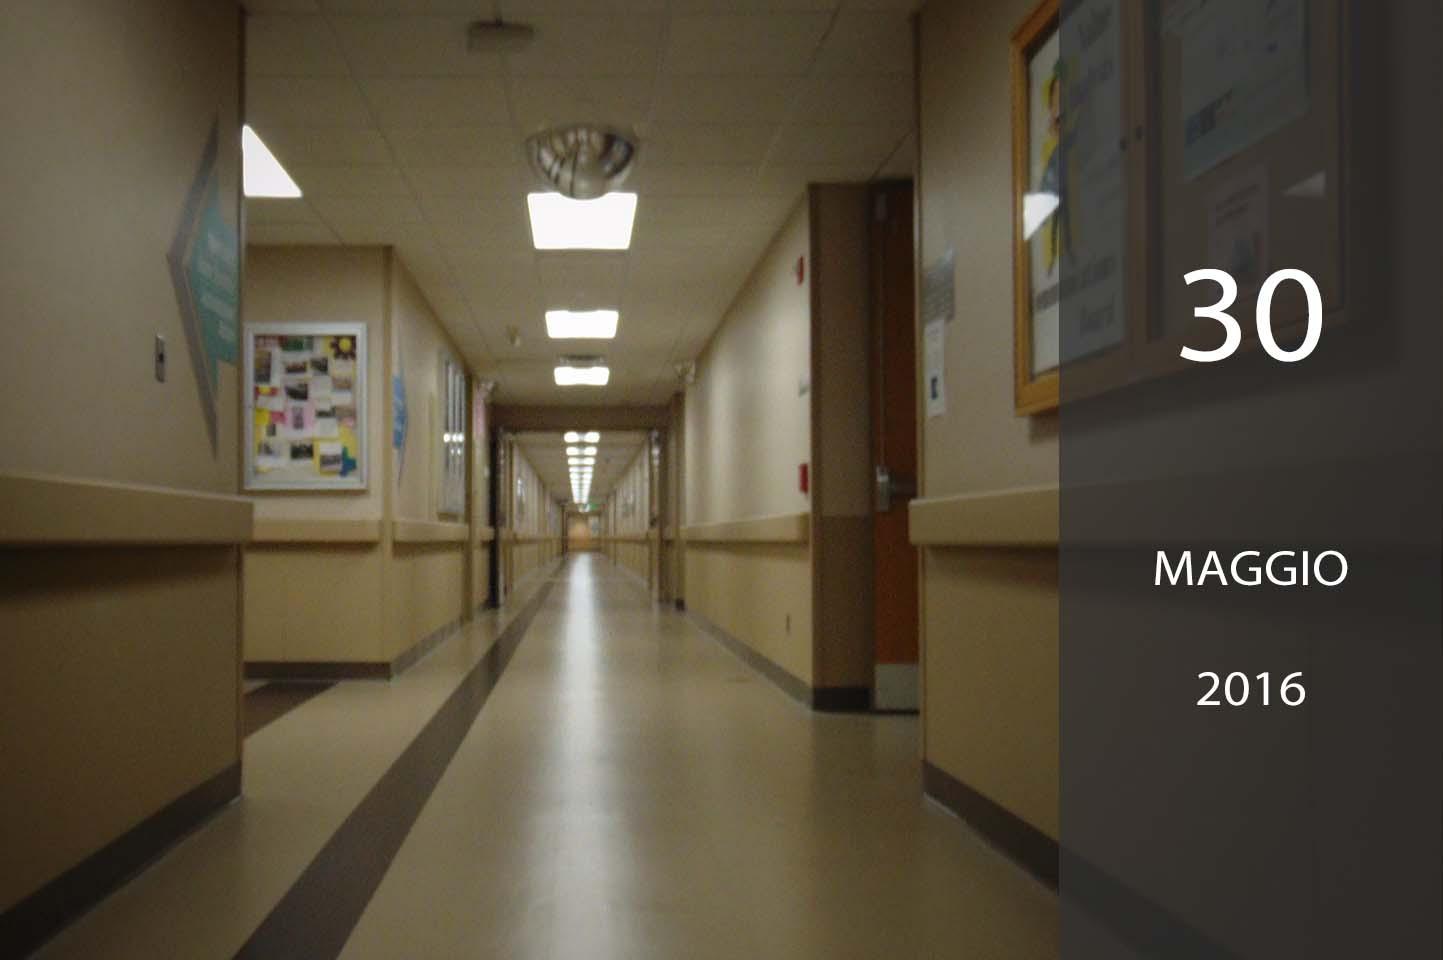 Se chiude l'ospedale, a Chieri cosa resta?